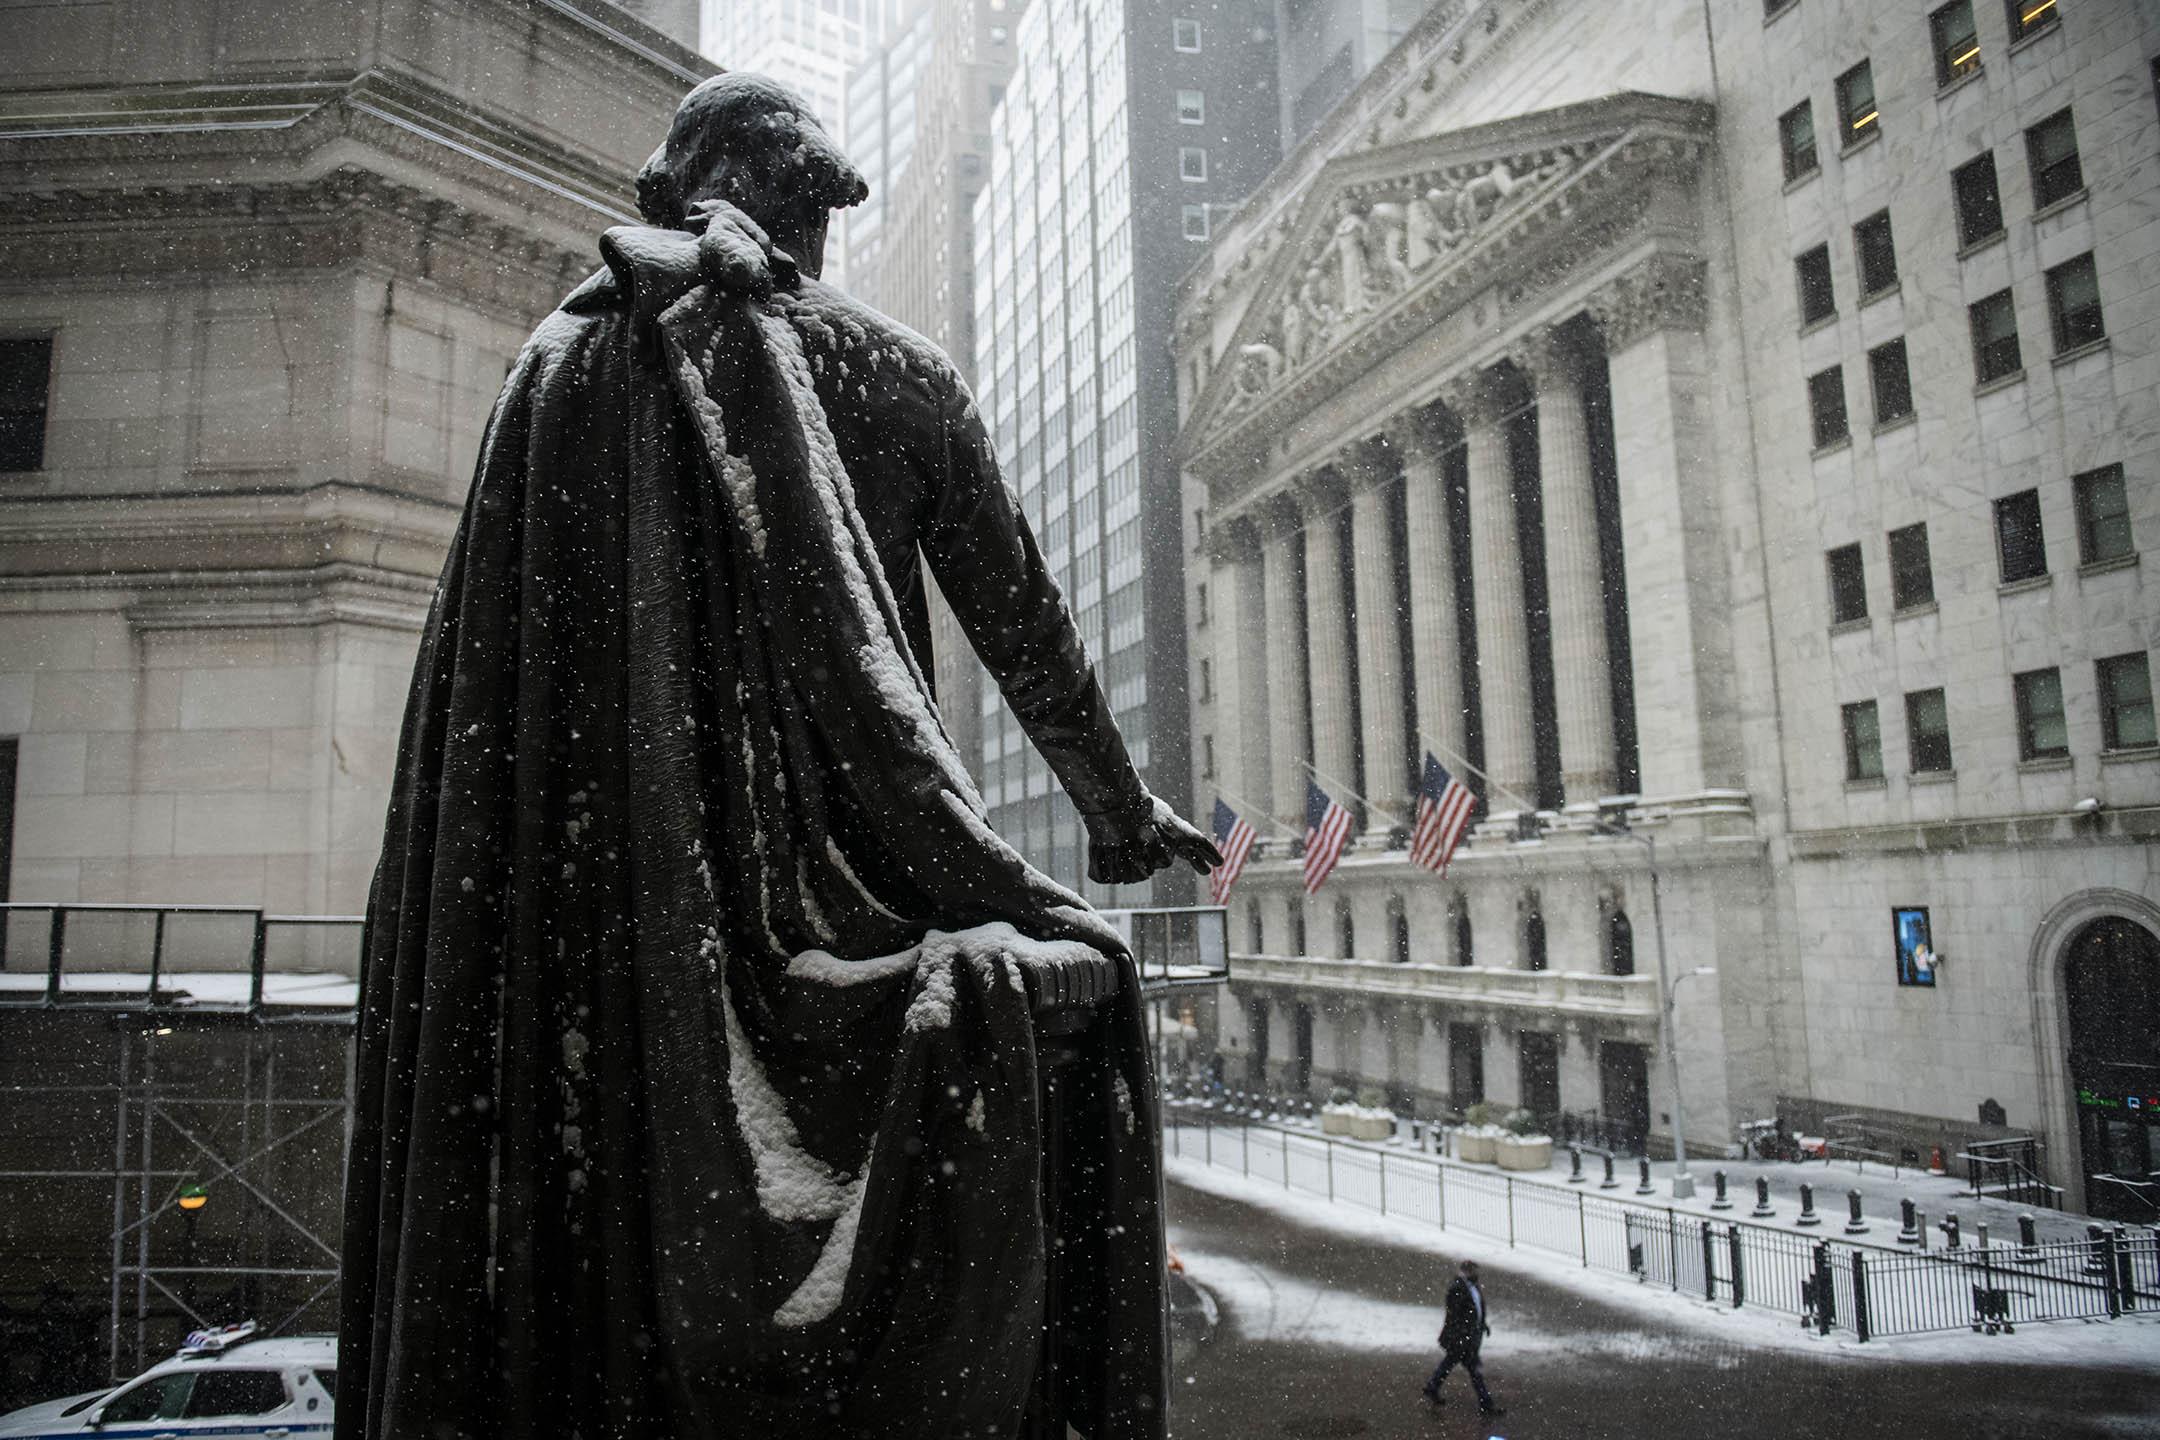 2021年2月18日美國紐約,喬治華盛頓雕像在紐約證券交易所前。